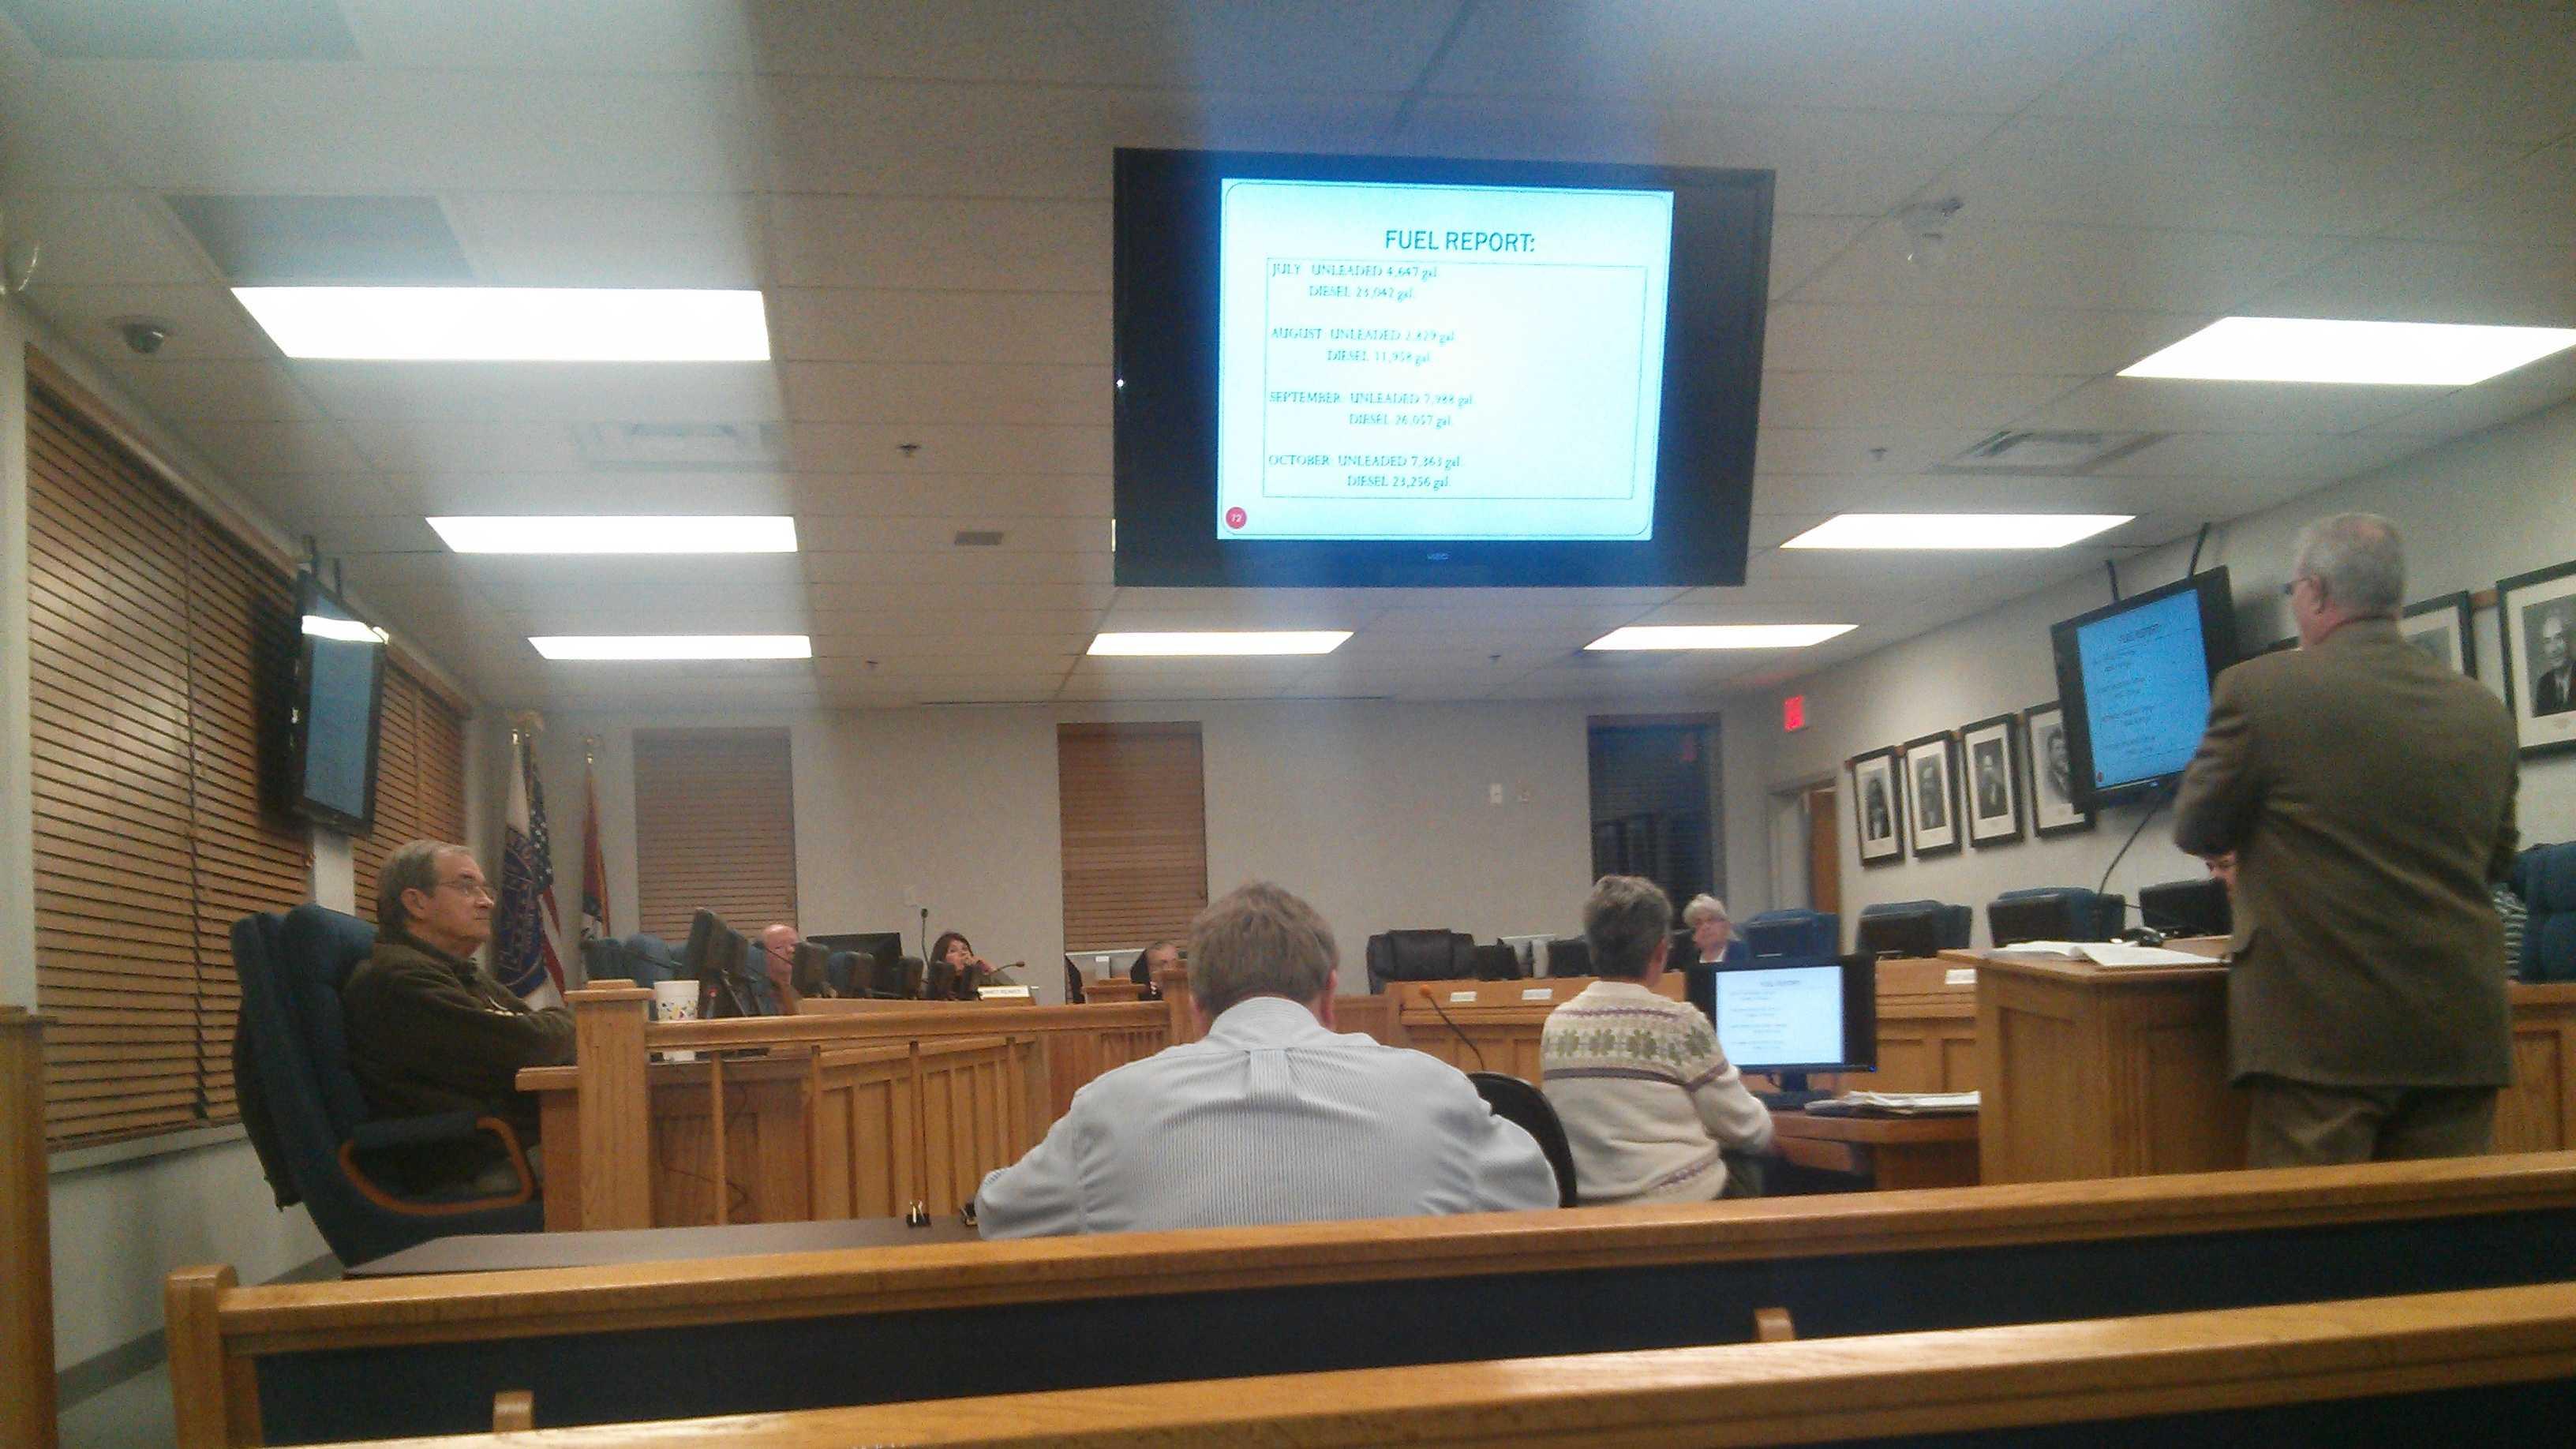 Transportation department officials amend bridge repair record filing system